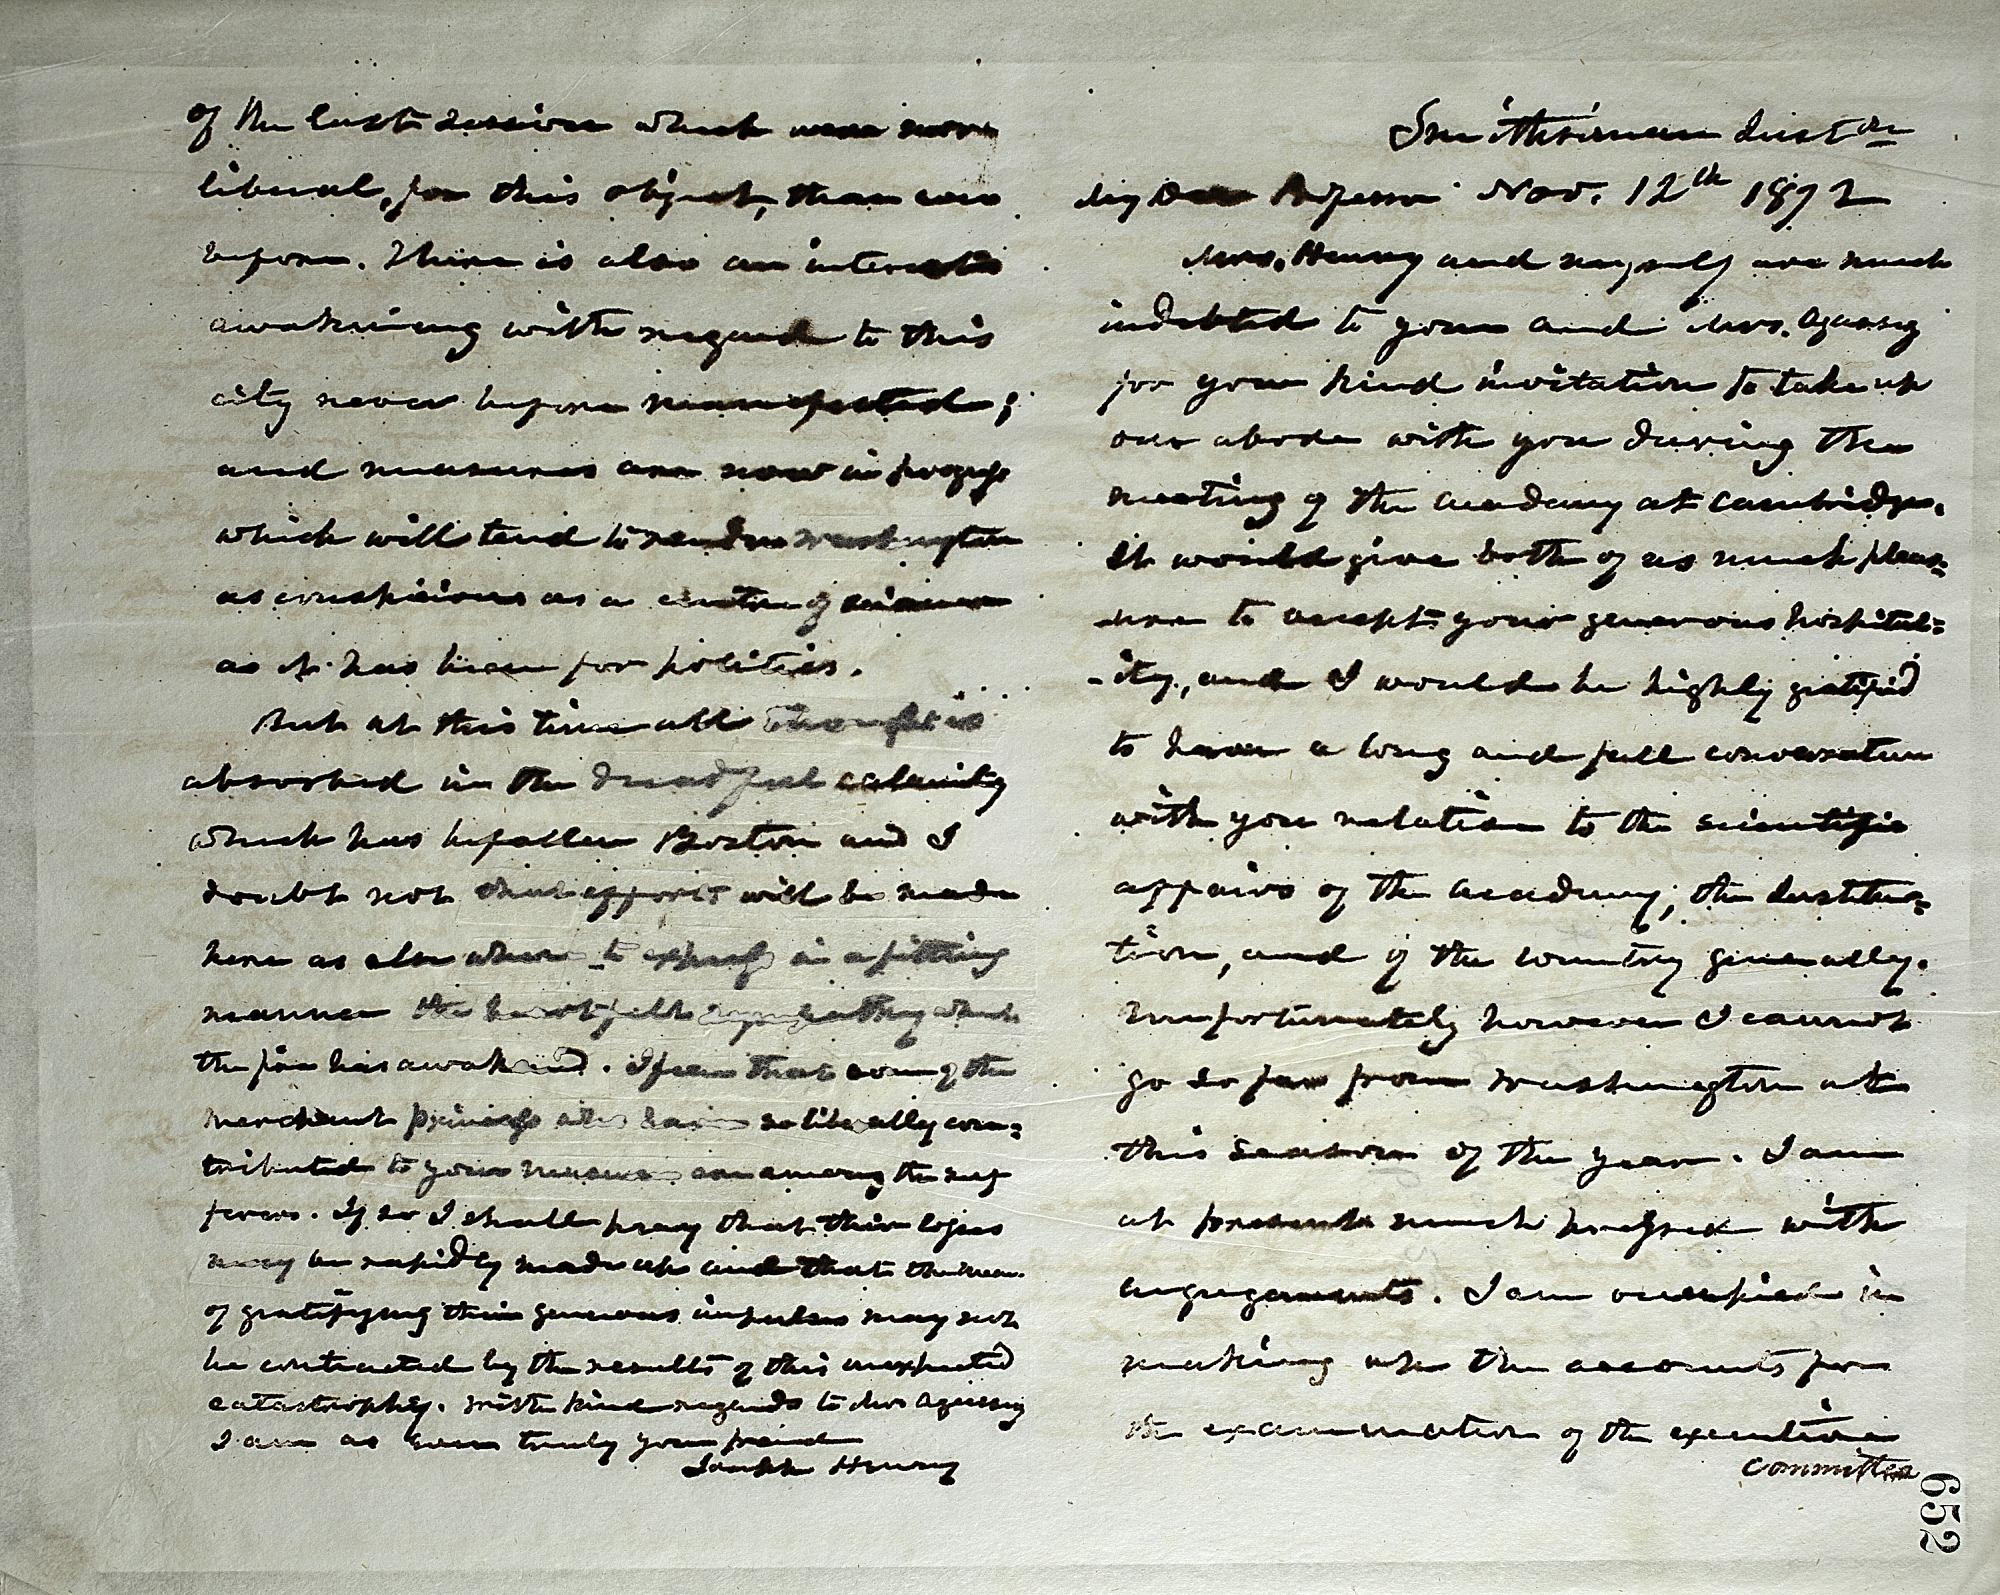 Joseph Henry's Letter to Louis Agassiz (November 12, 1872)